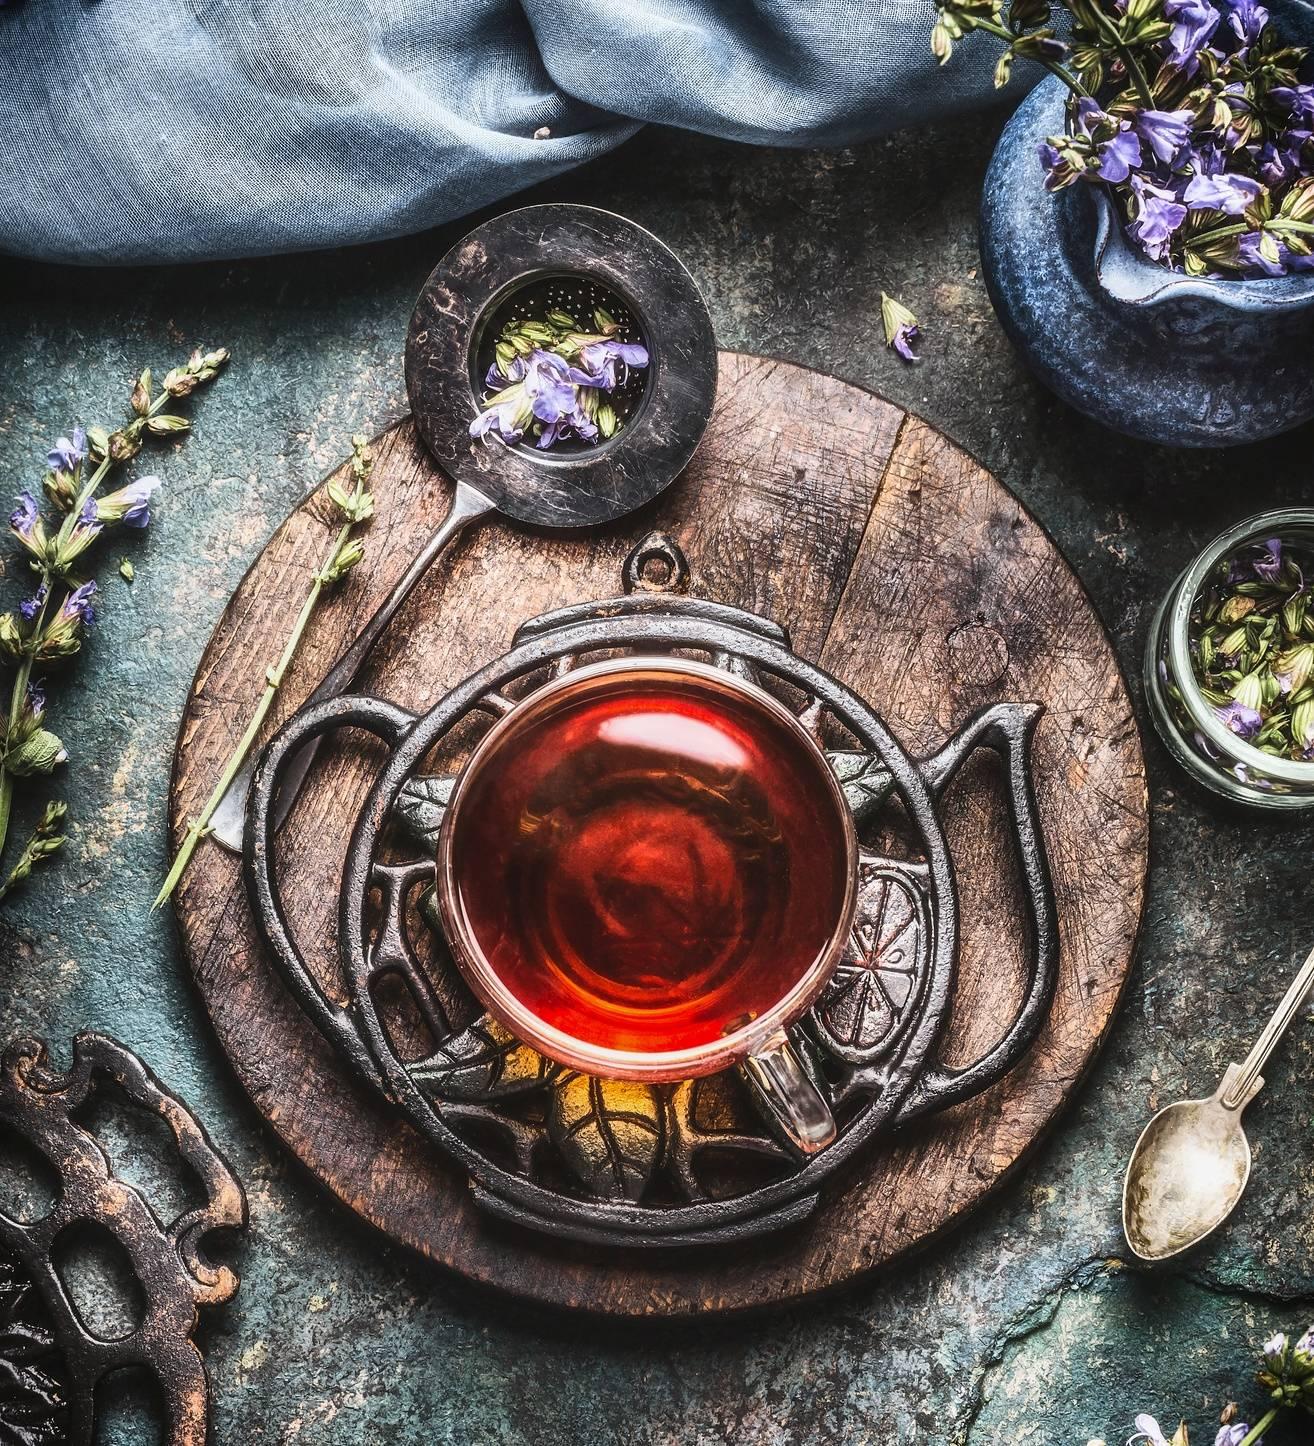 Herbatka wg receptury medycyny chińskiej.